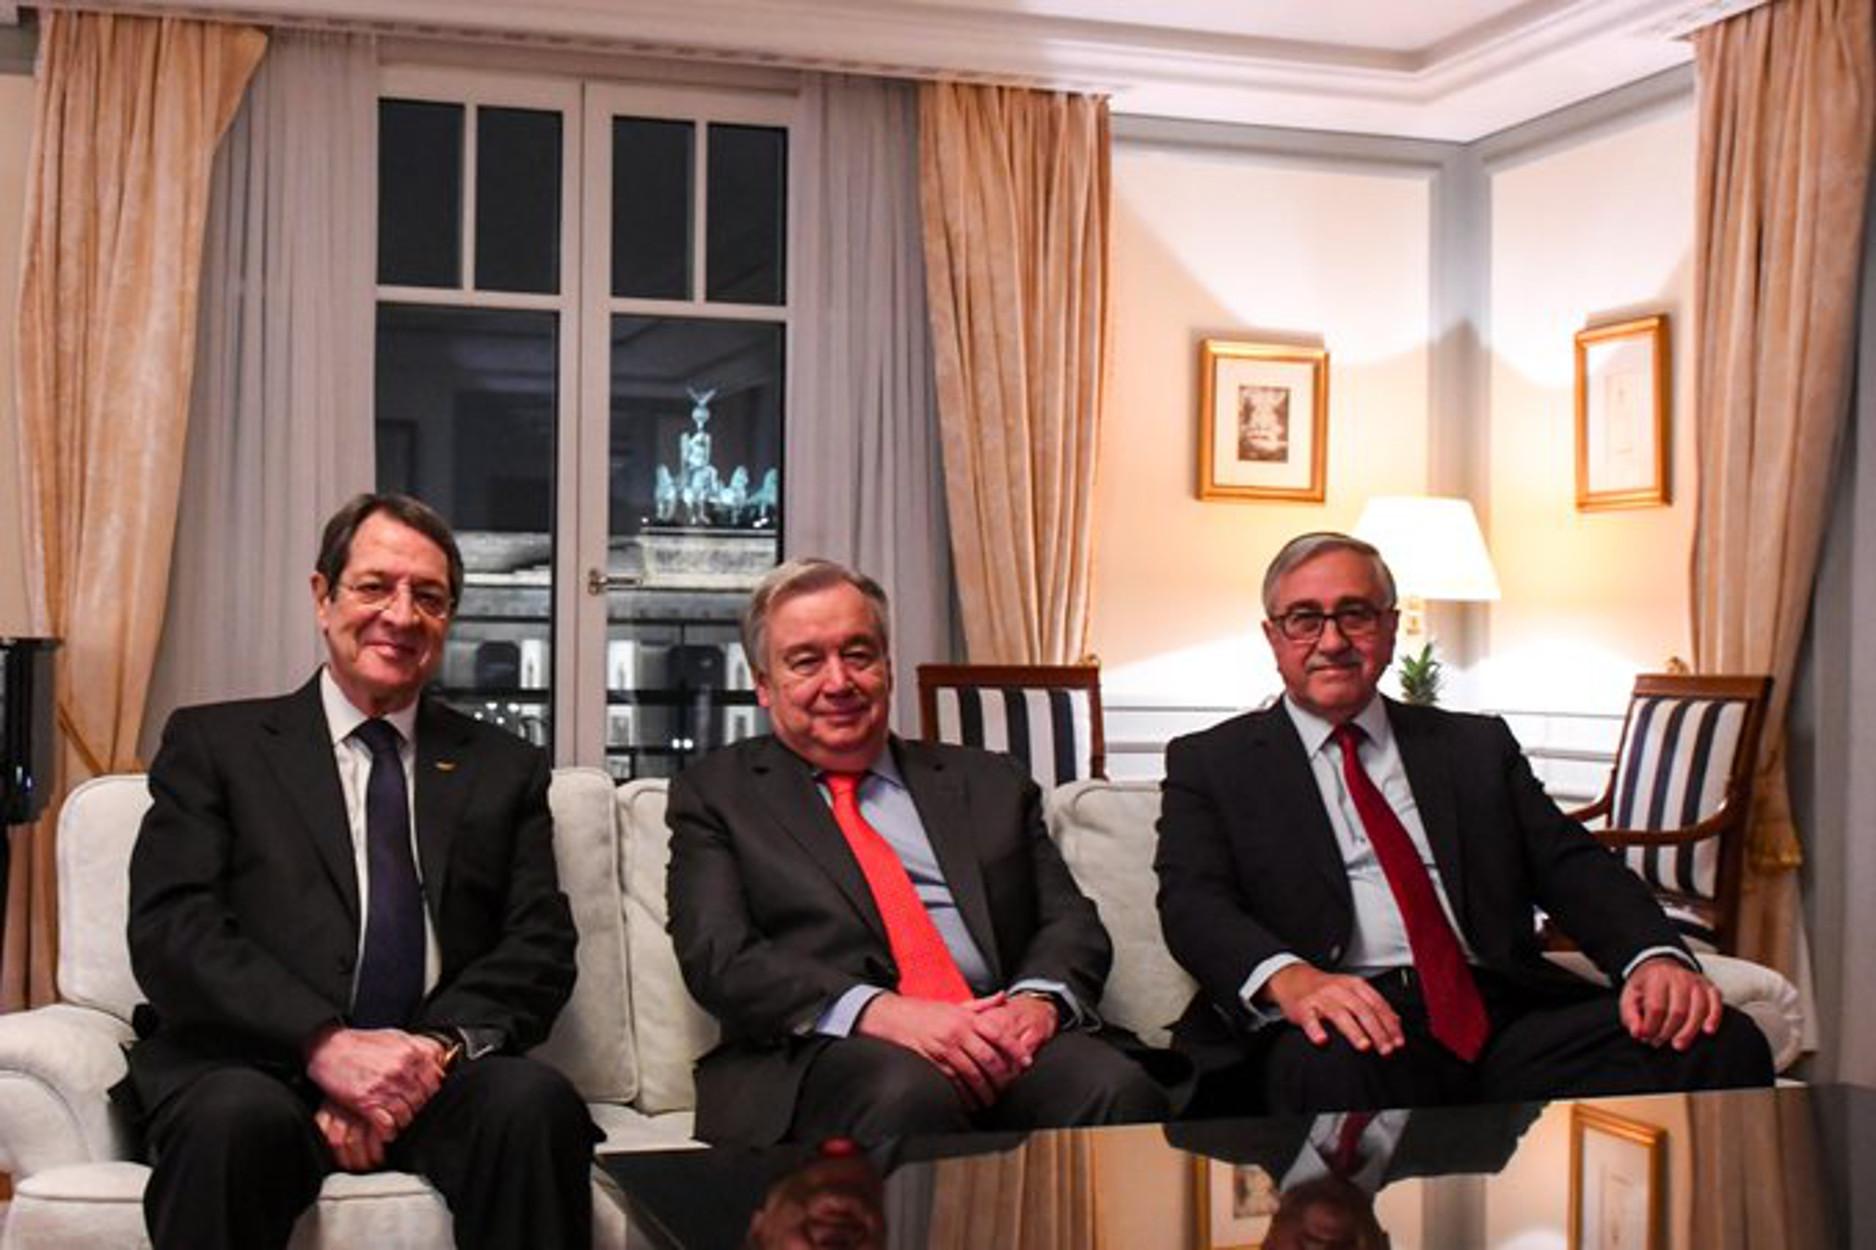 """Κυπριακό: Ναι μεν... αλλά στο Βερολίνο - ΑΟΖ και Αμμόχωστος """"αγκάθια"""" για τις διαπραγματεύσεις"""